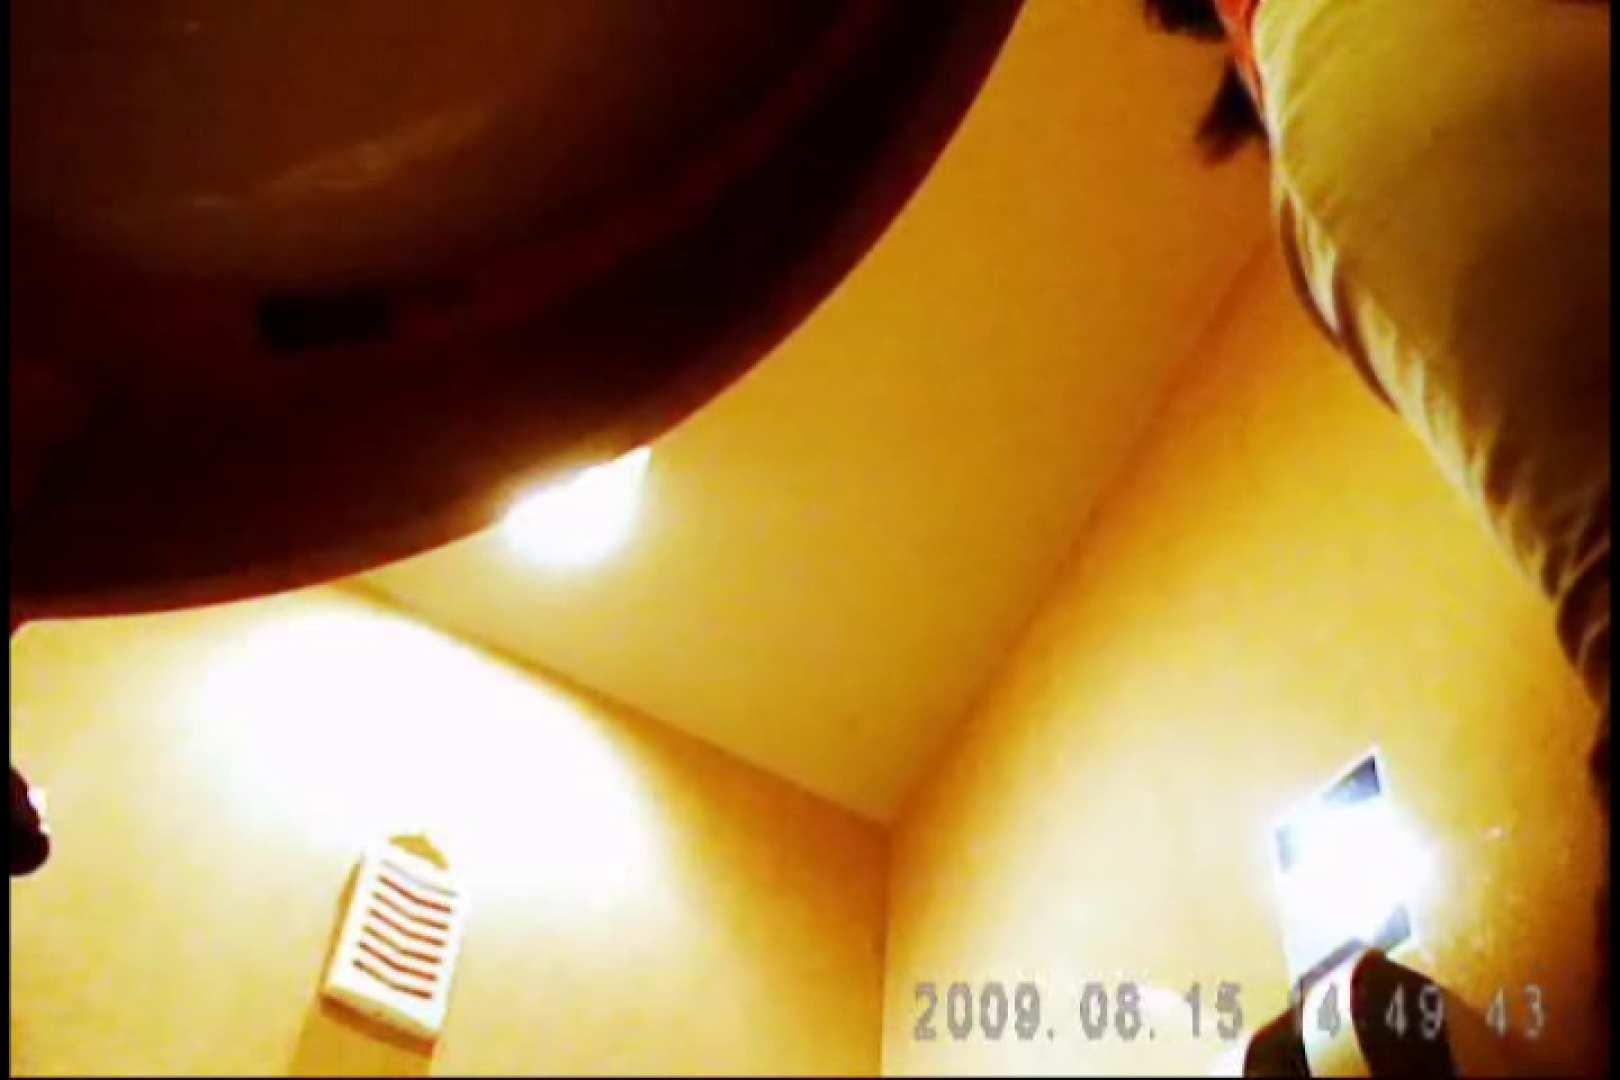 画質向上!新亀さん厠 vol.26 OLエロ画像 隠し撮りセックス画像 100PICs 8